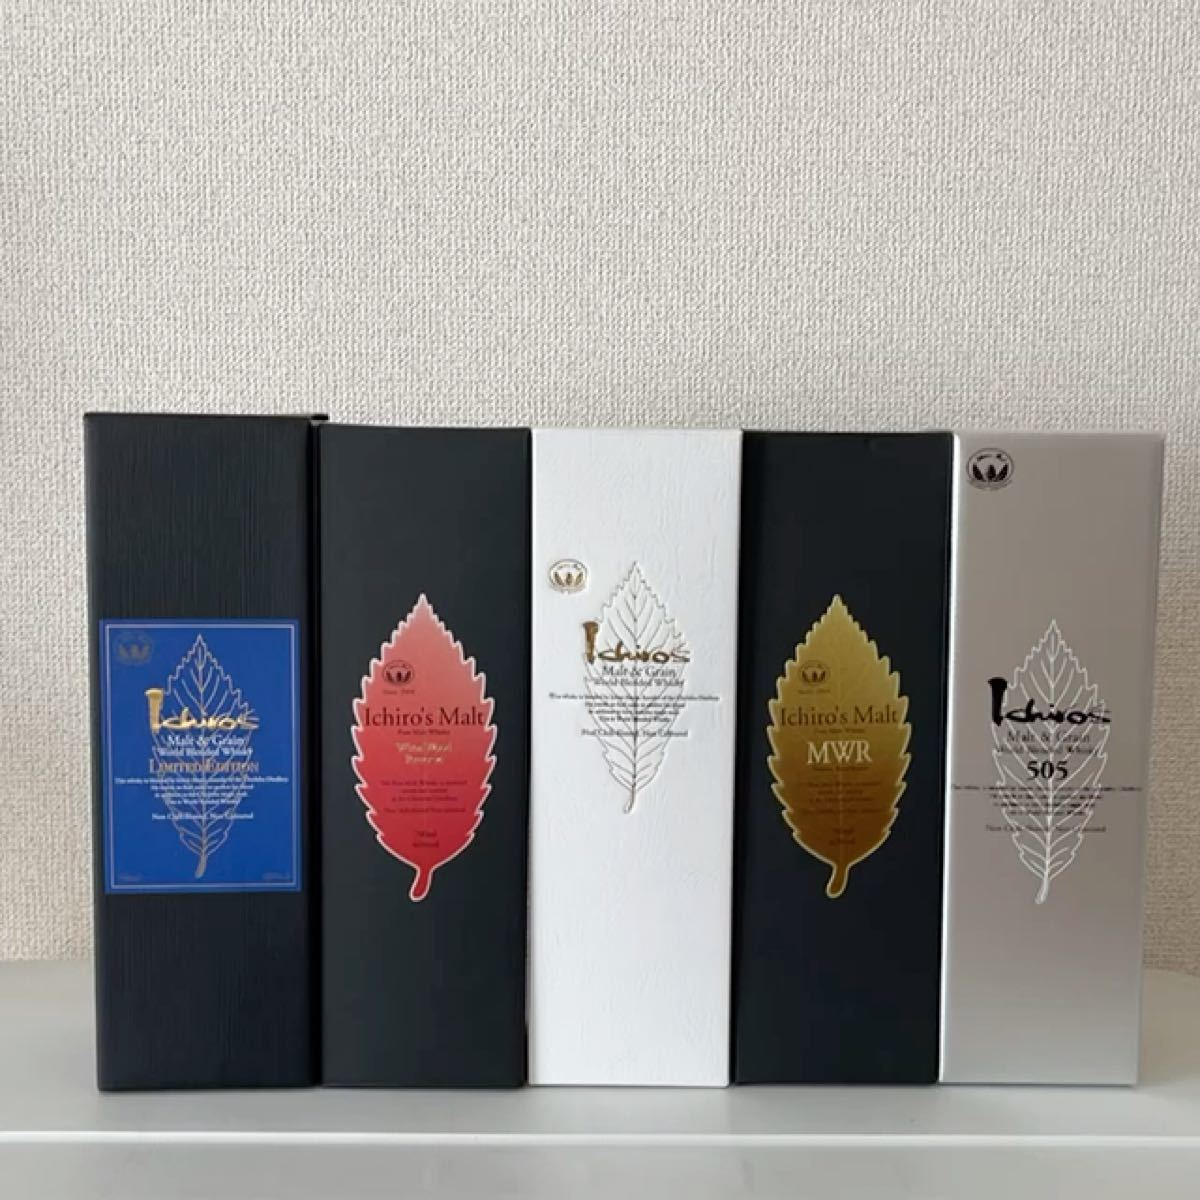 お買得 新品 イチローズモルト 葉っぱシリーズ リーフシリーズ 総出 箱付 リミテッドエディション ワイン ミズナラ ウッド 秩父